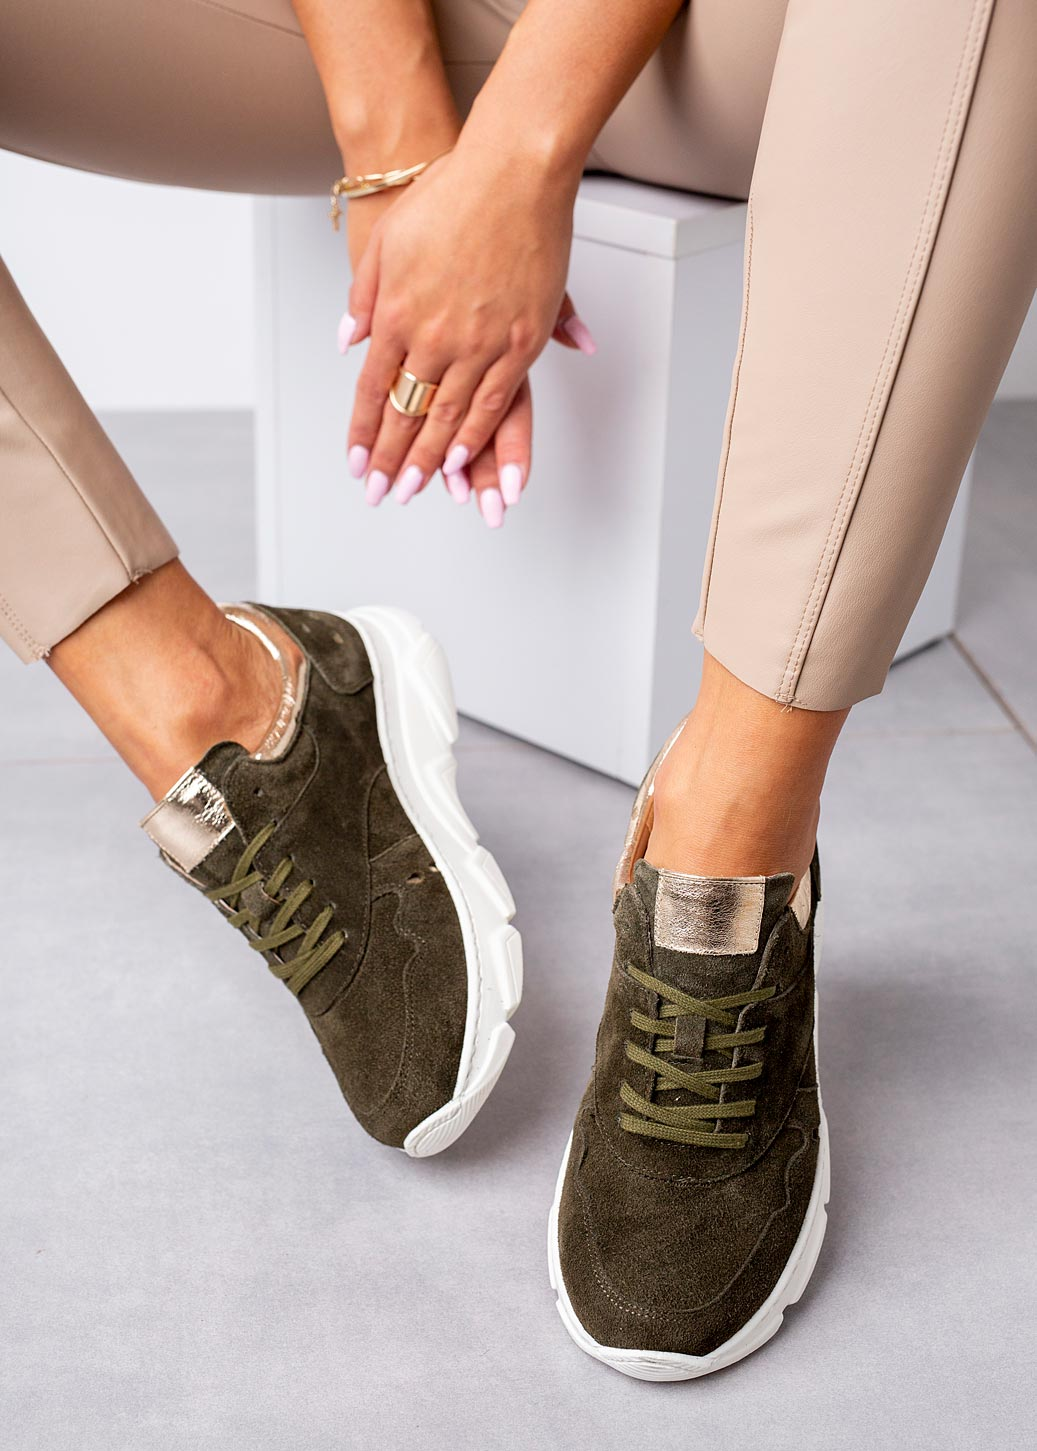 Oliwkowe sneakersy Kati buty sportowe sznurowane 7038 oliwkowy